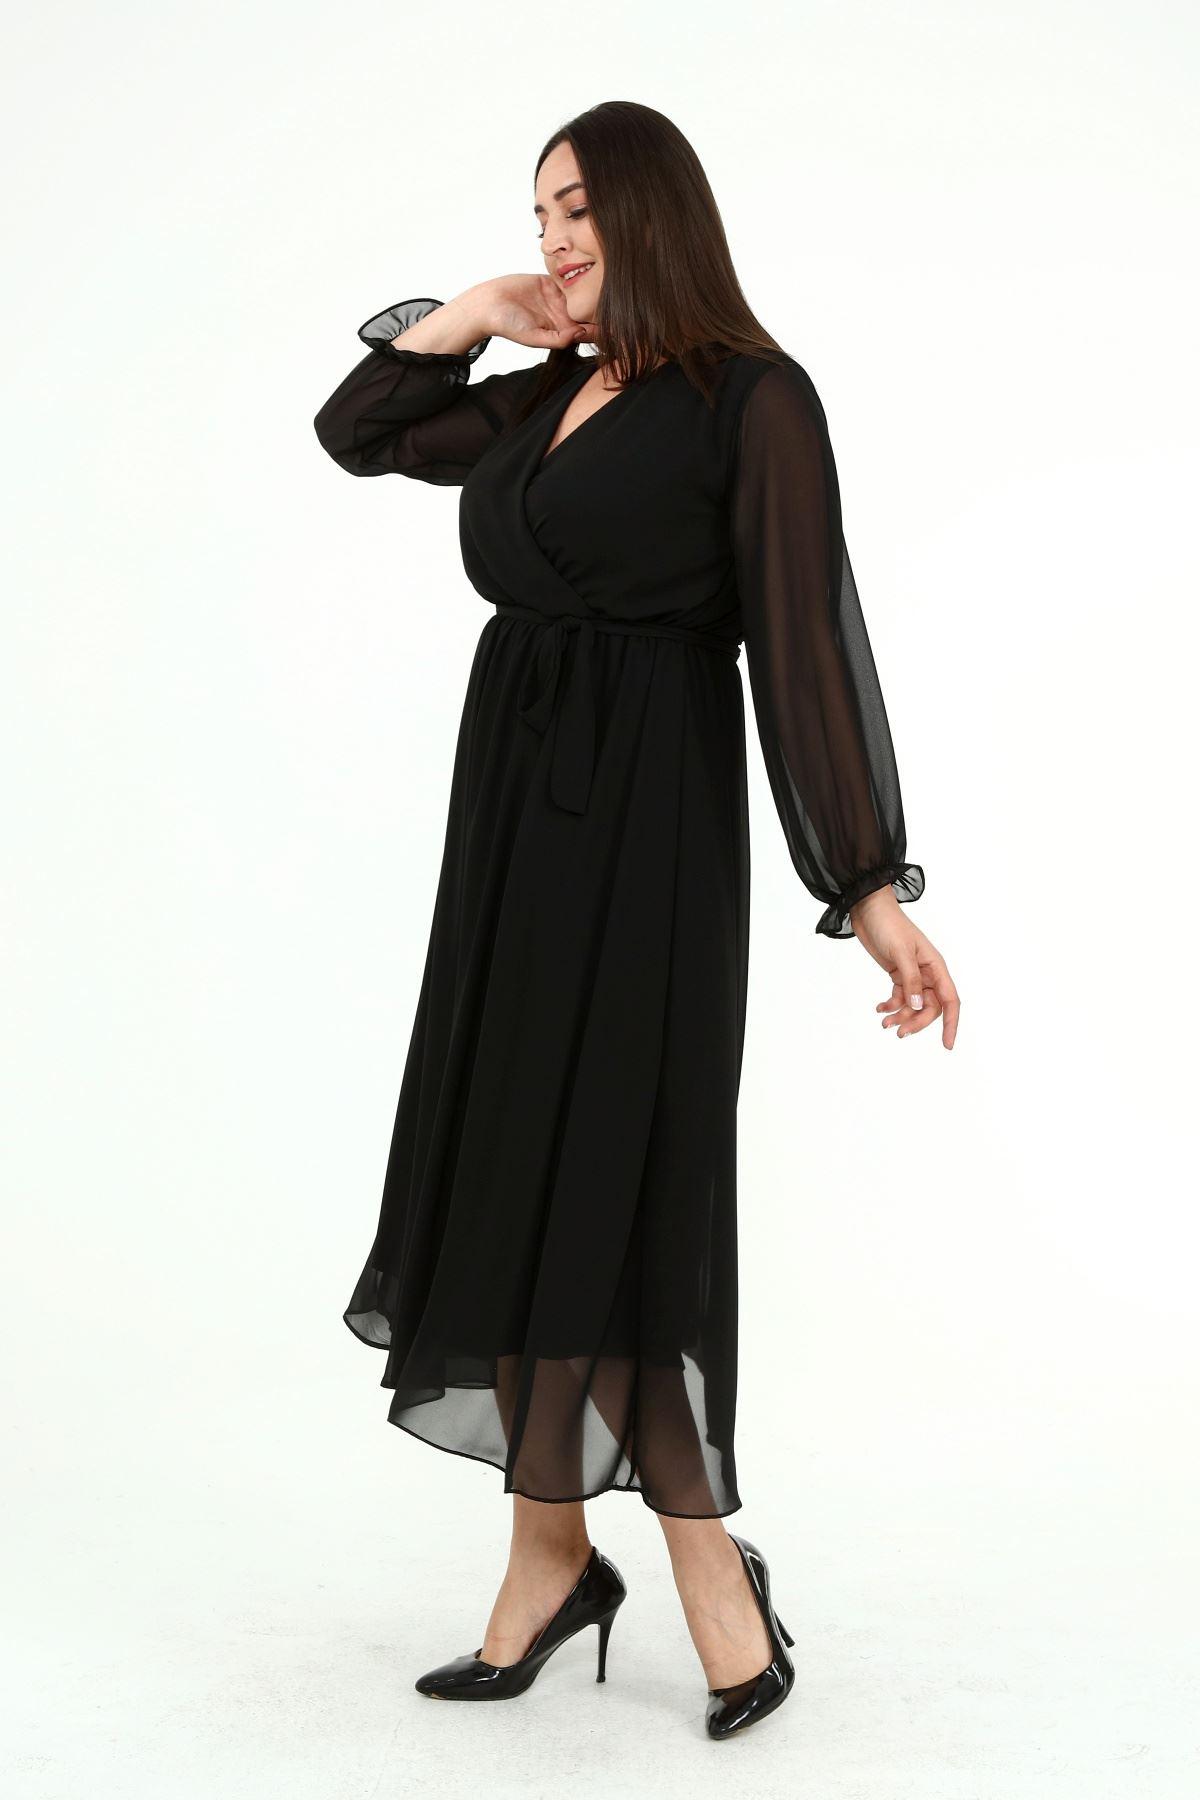 Uzun Kol Büyük Beden Şifon Elbise 26B-1928